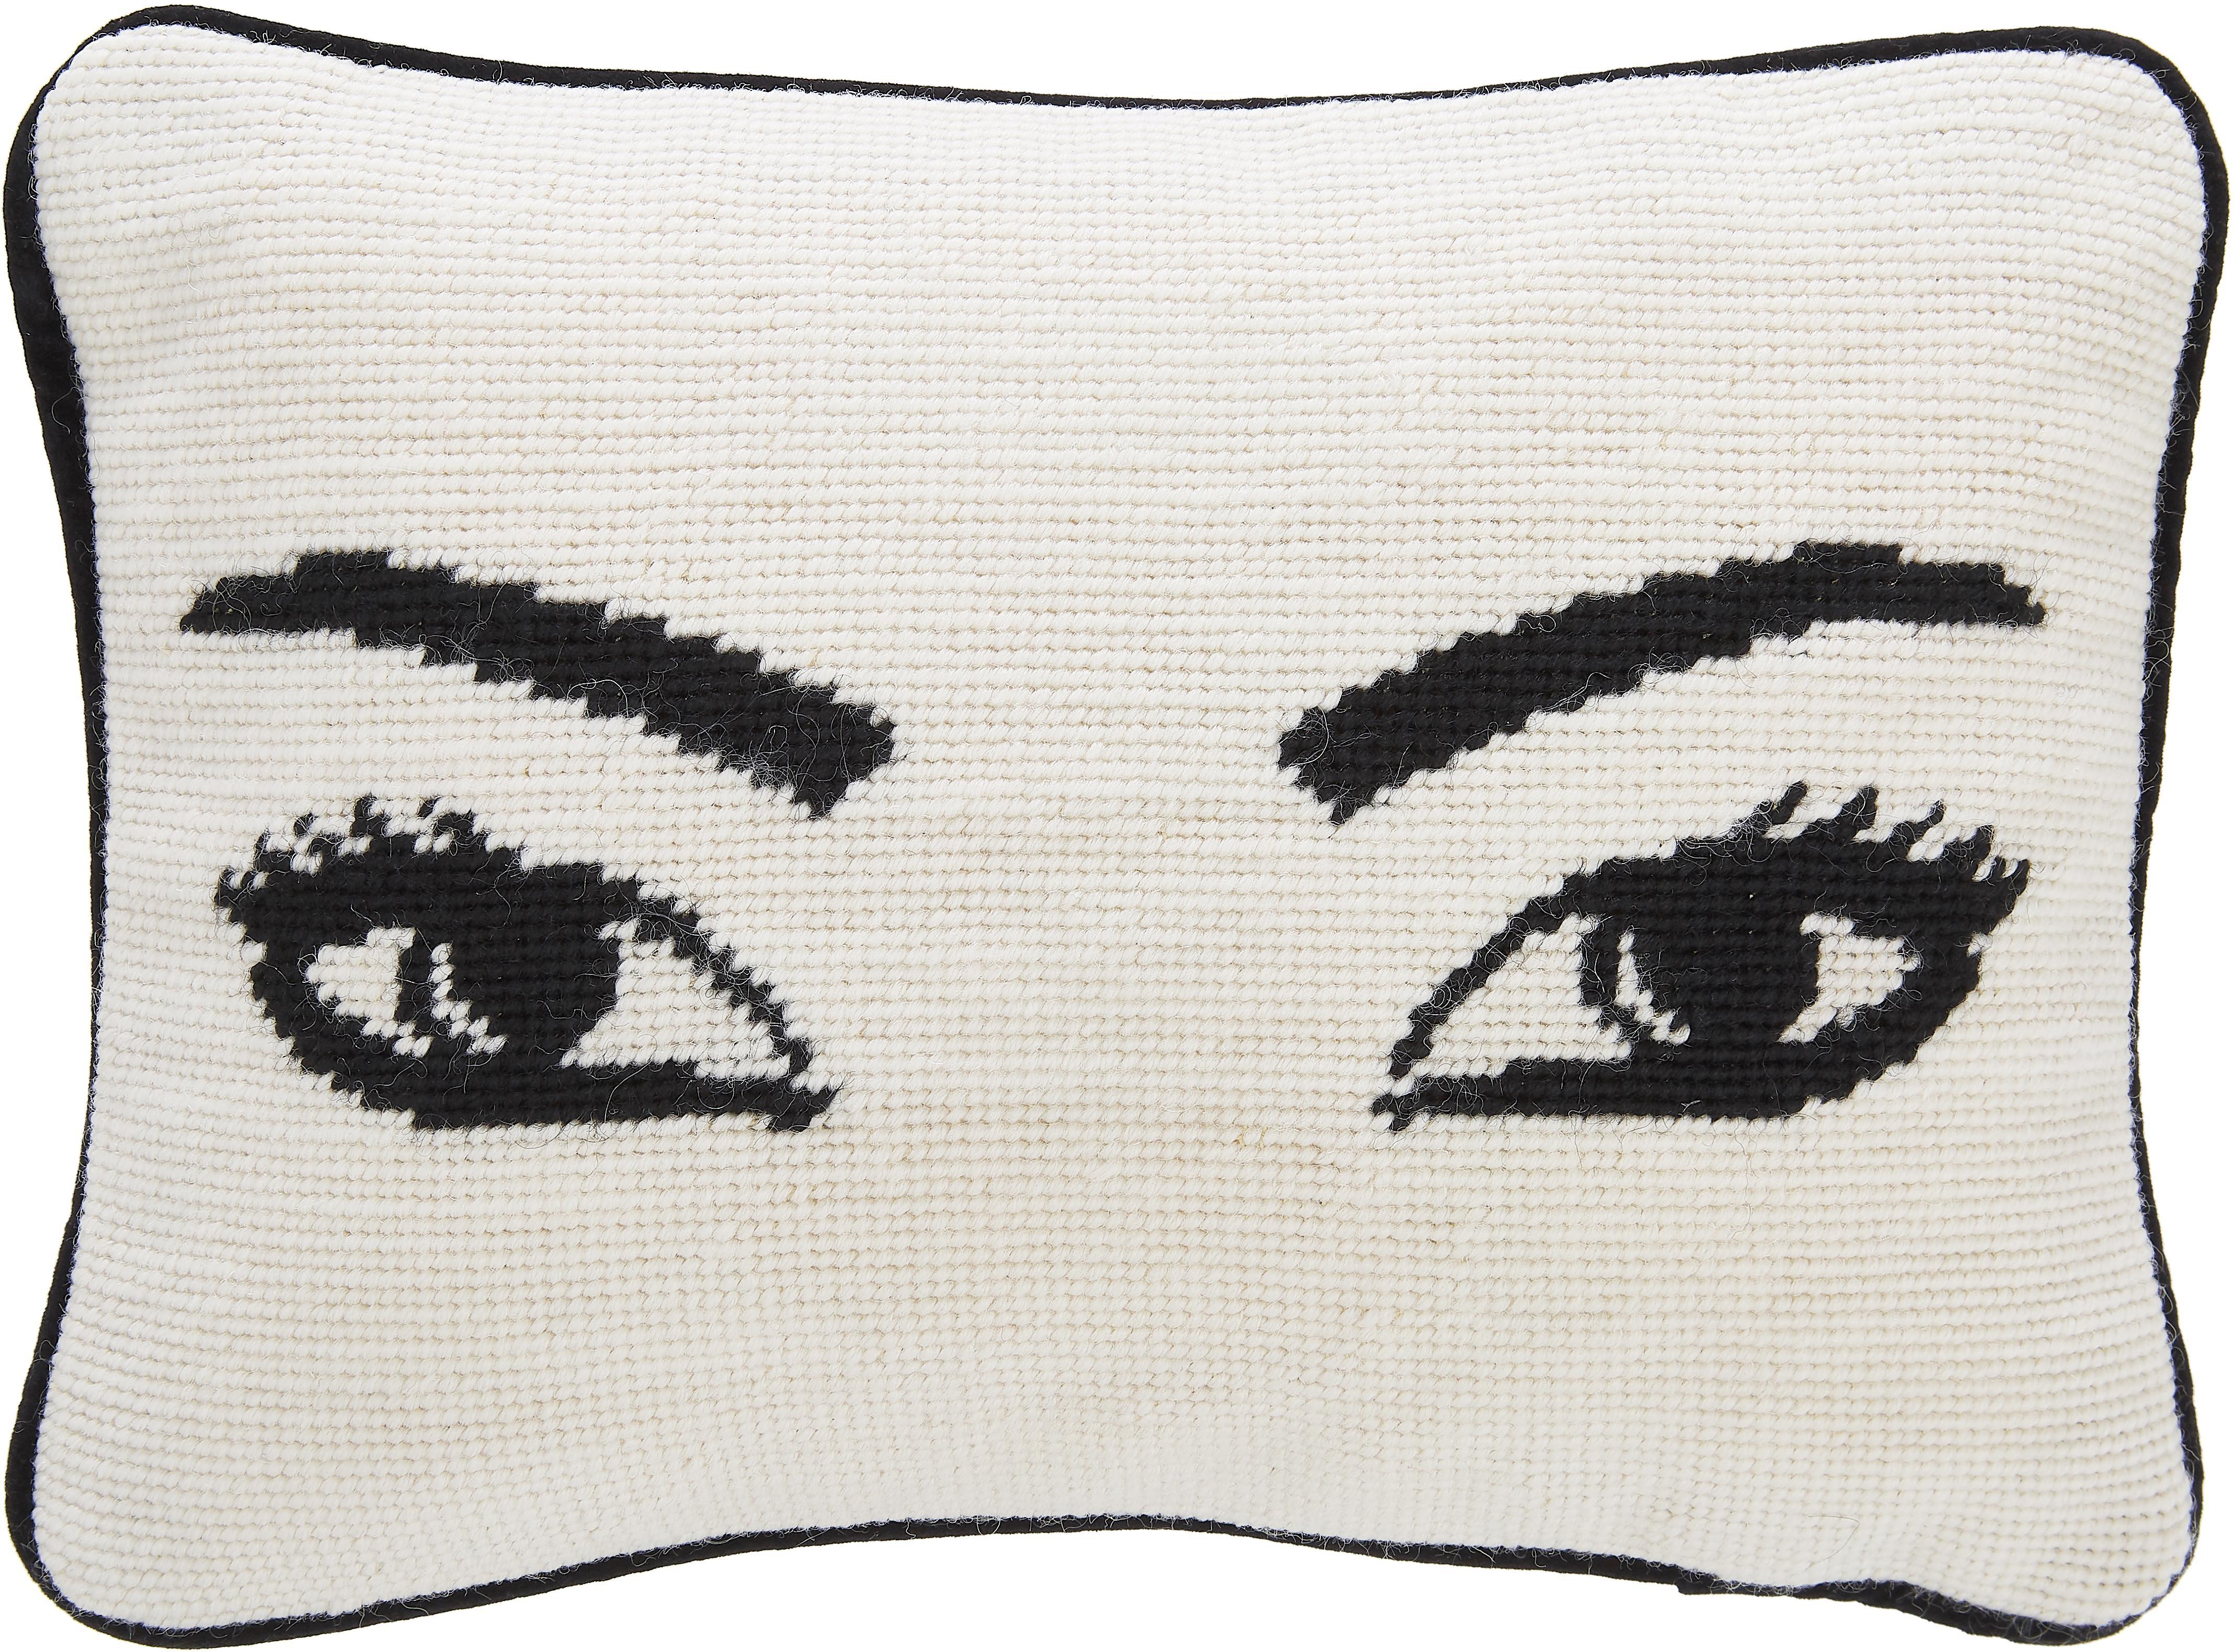 Klein met de hand geborduurd design kussen Eyes, met vulling, Wit, zwart, 23 x 30 cm